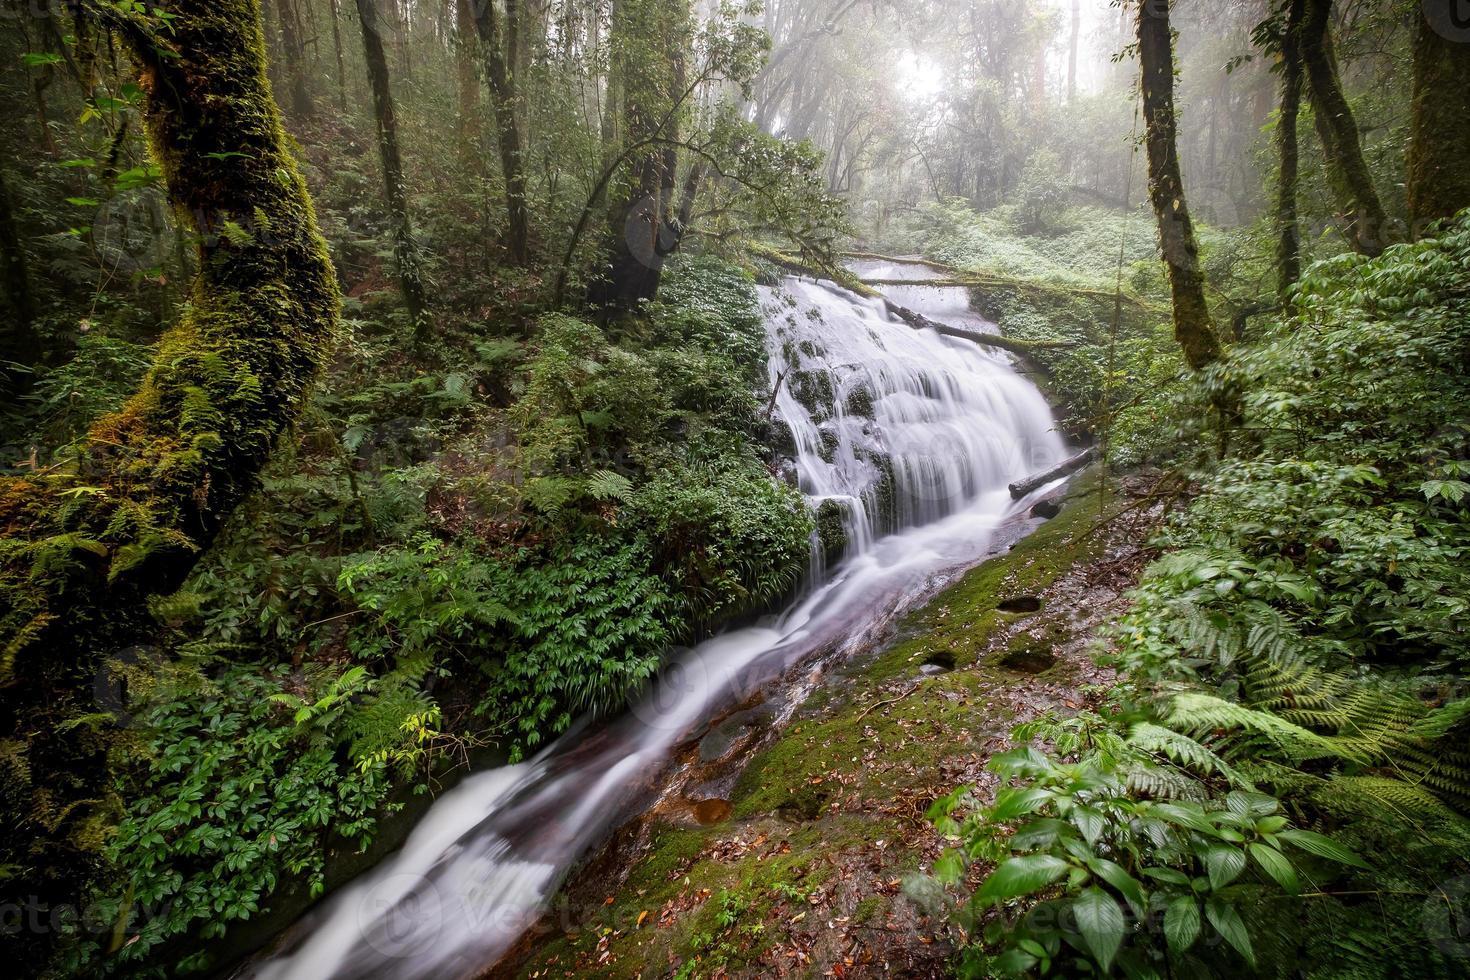 água fluindo em uma bela cachoeira foto